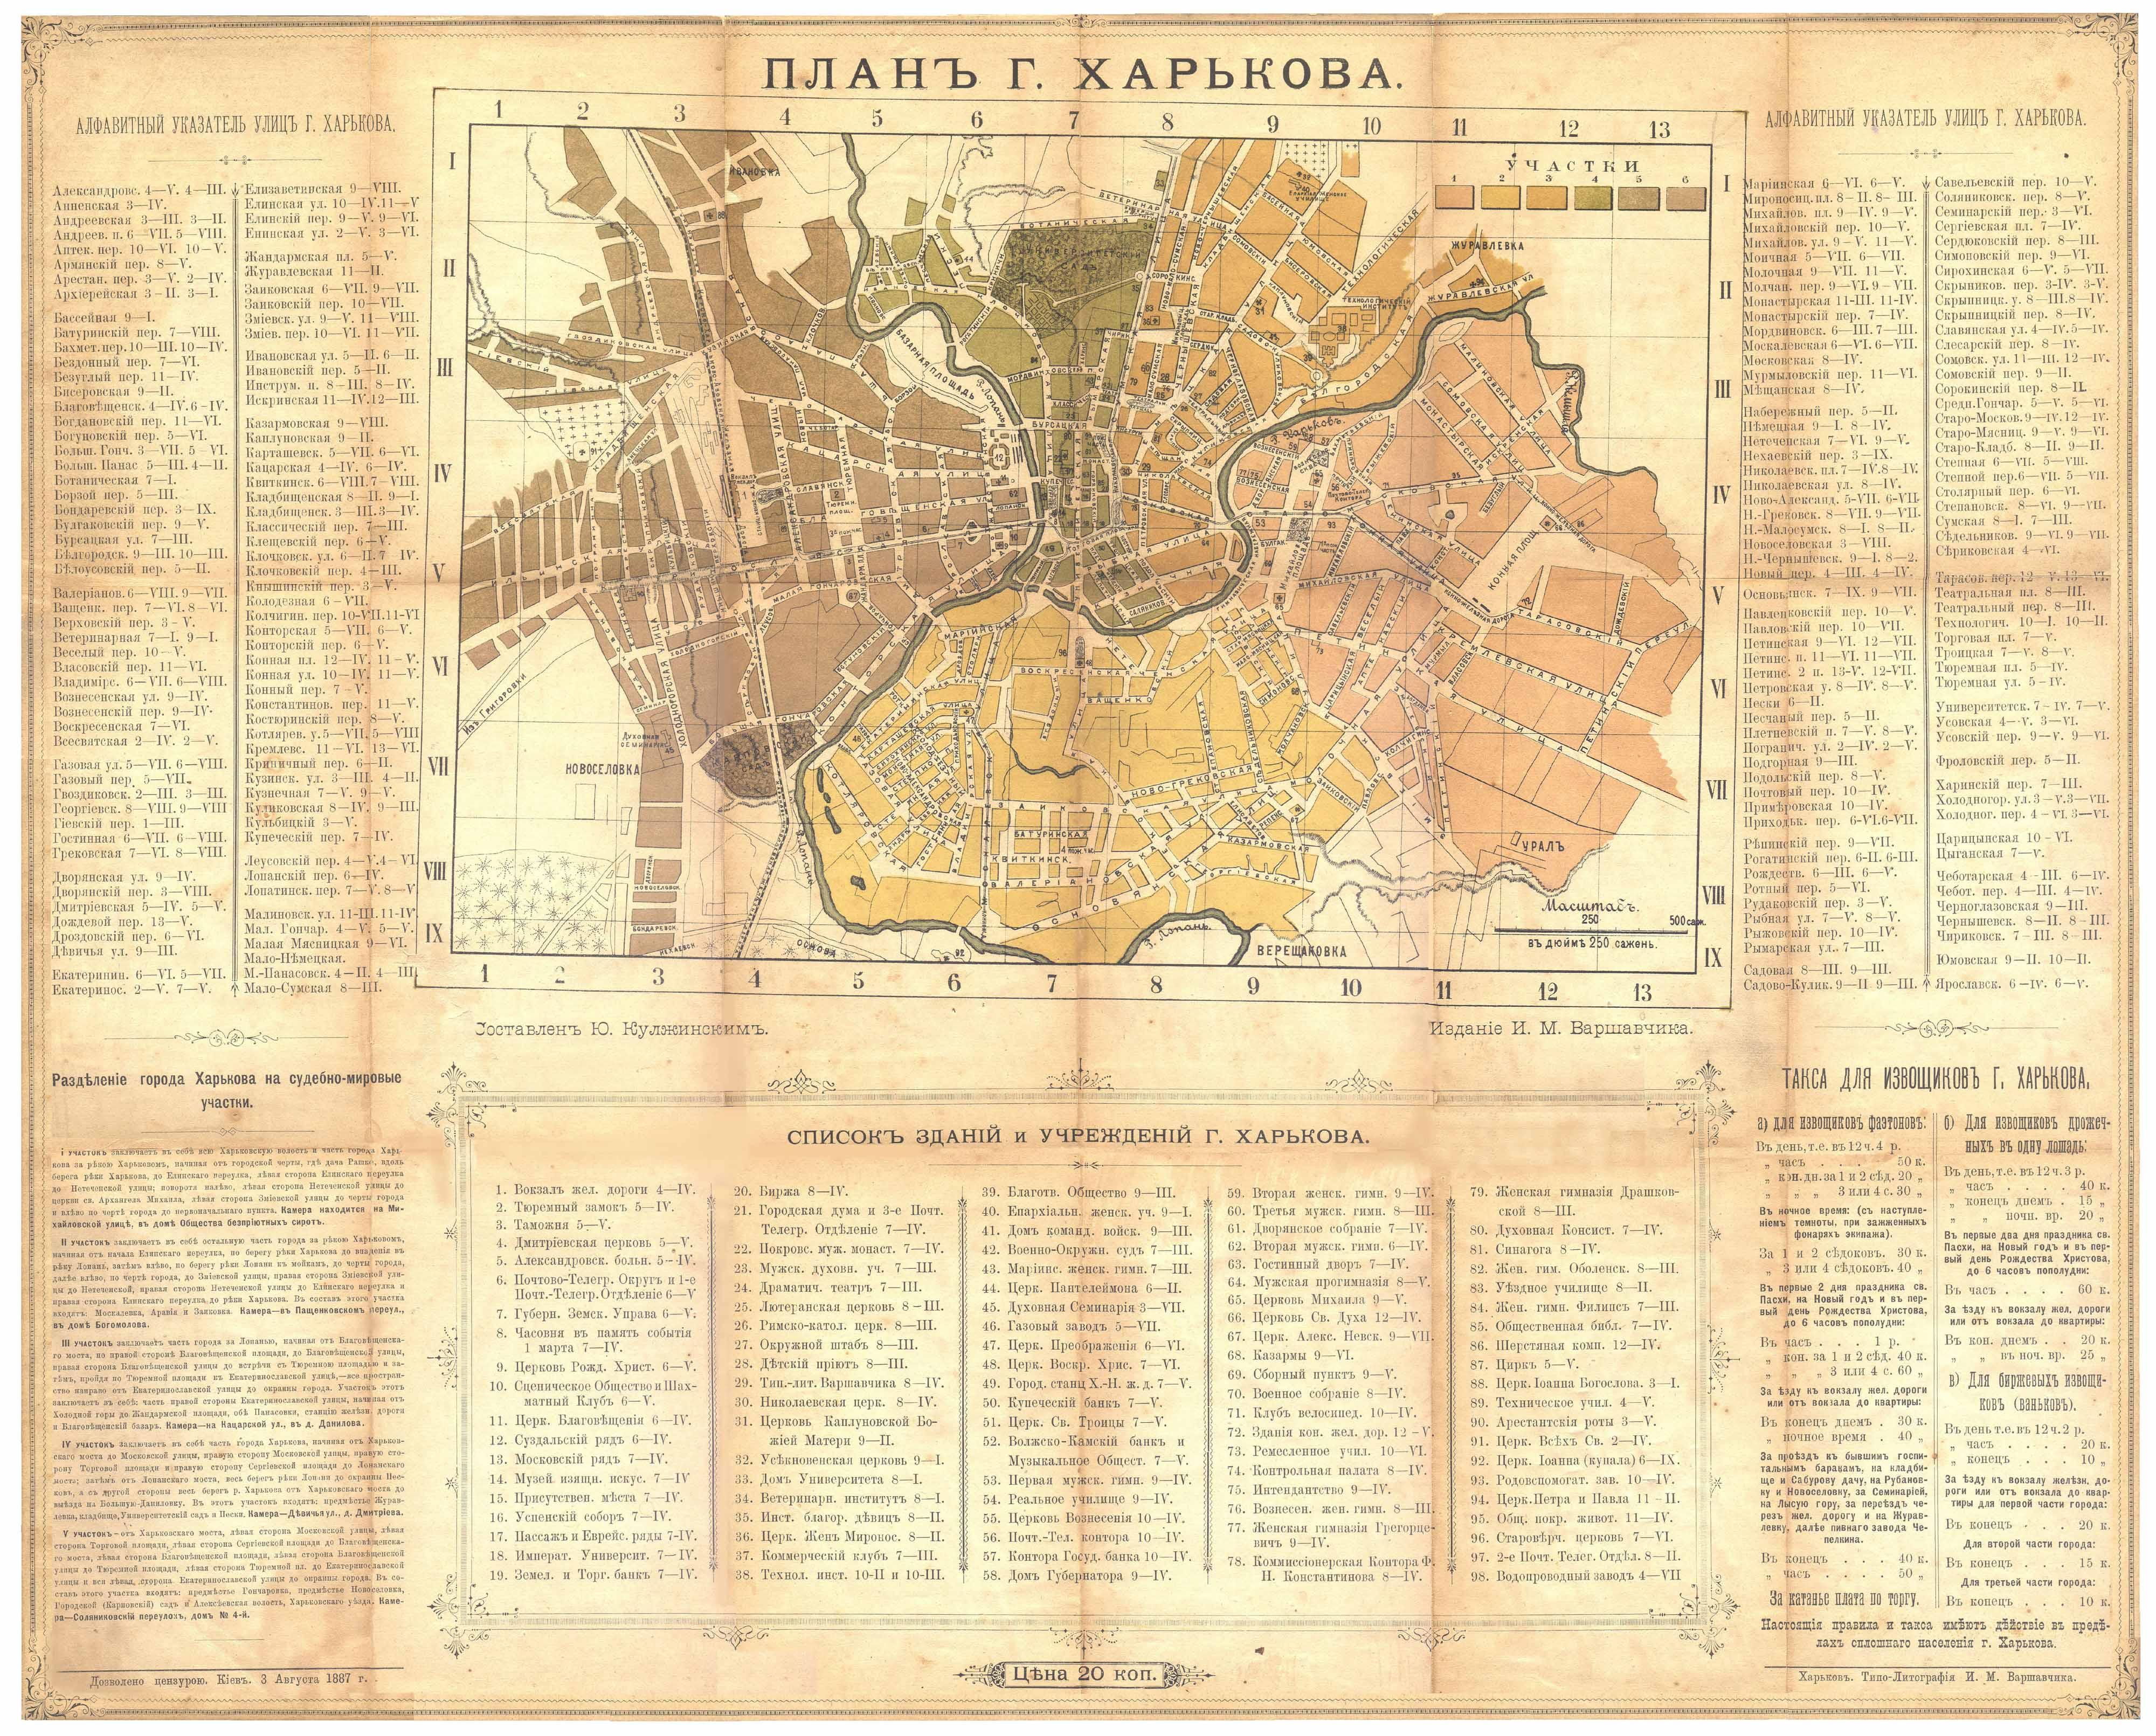 Старинная карта харькова 1887 года